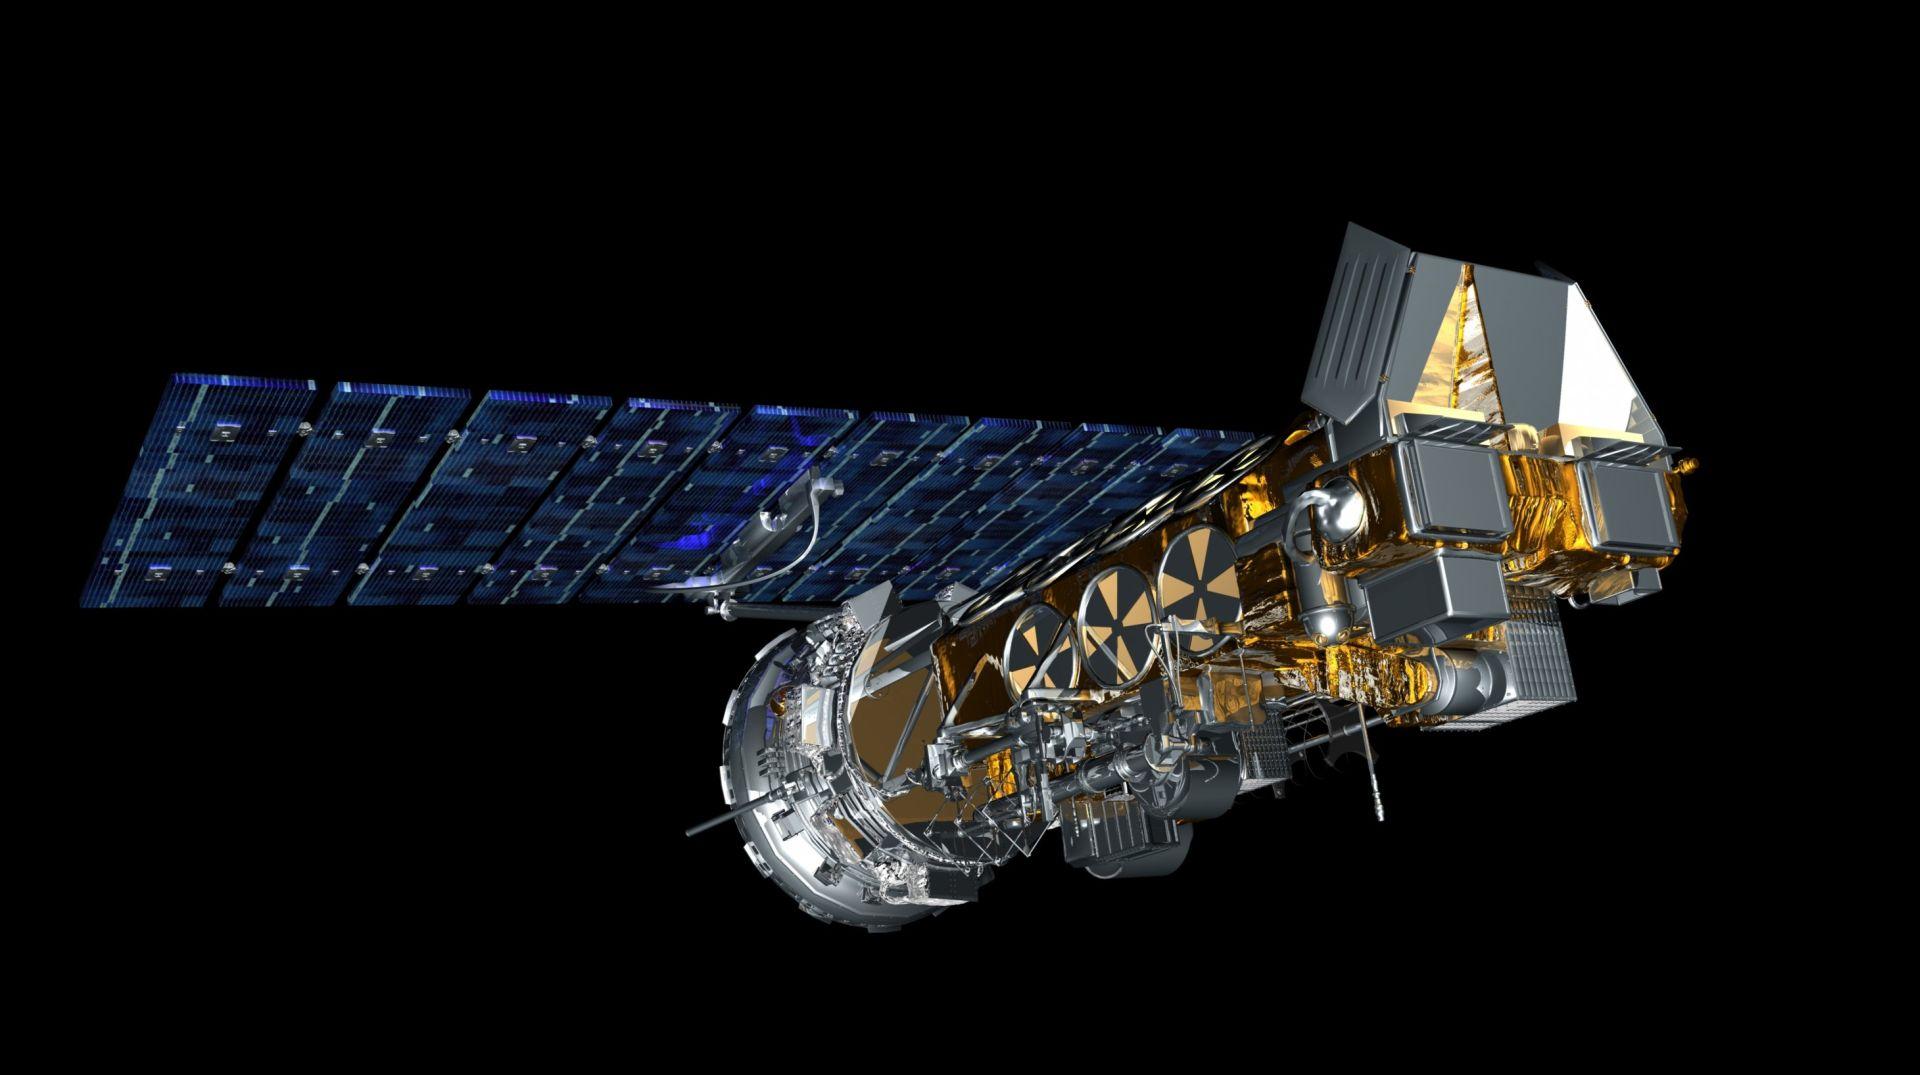 Hackeando satelites desde casa 1